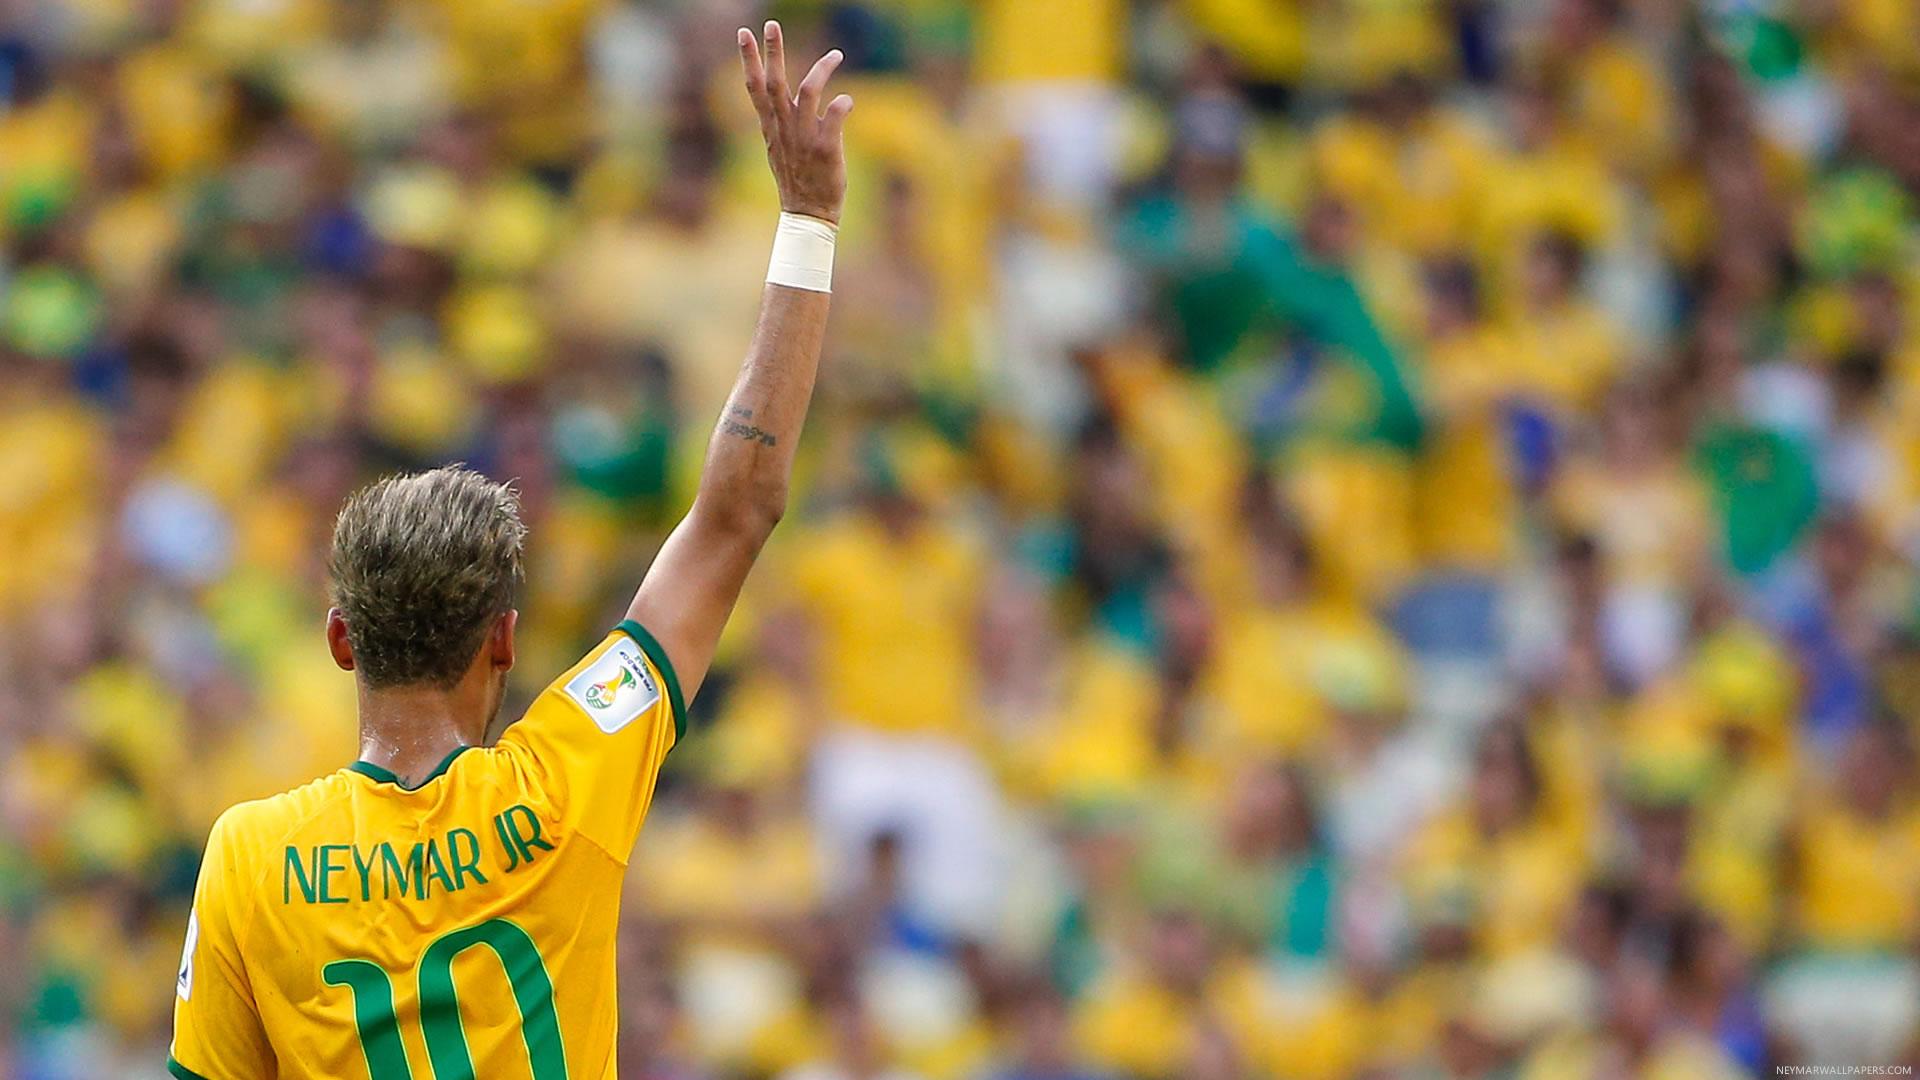 Neymar's back wallpaper